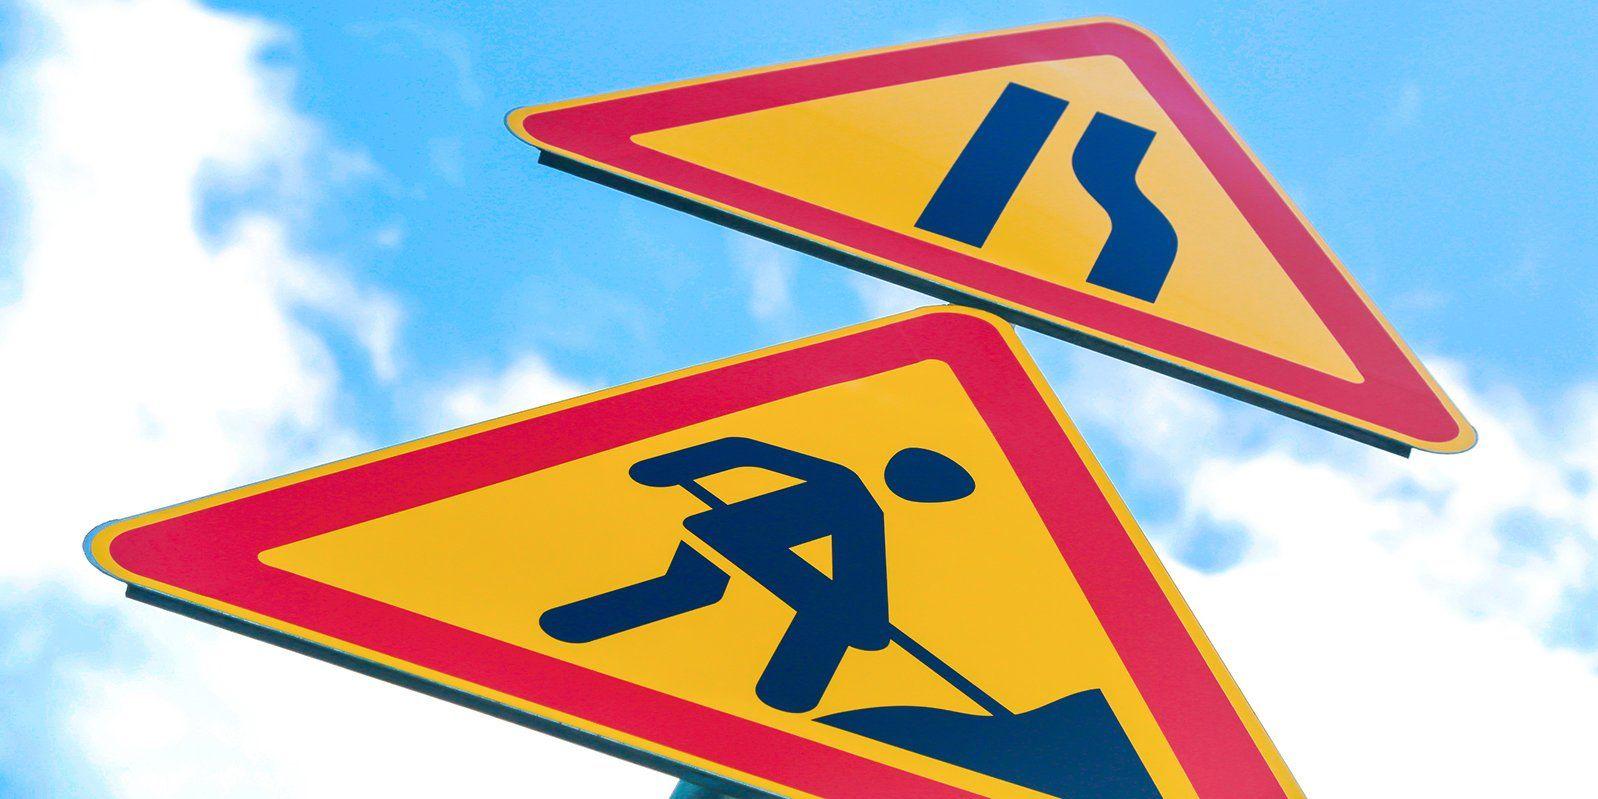 Работы выполняют сотрудники подрядной организации «Автомобильные дороги». Фото: сайт мэра Москвы